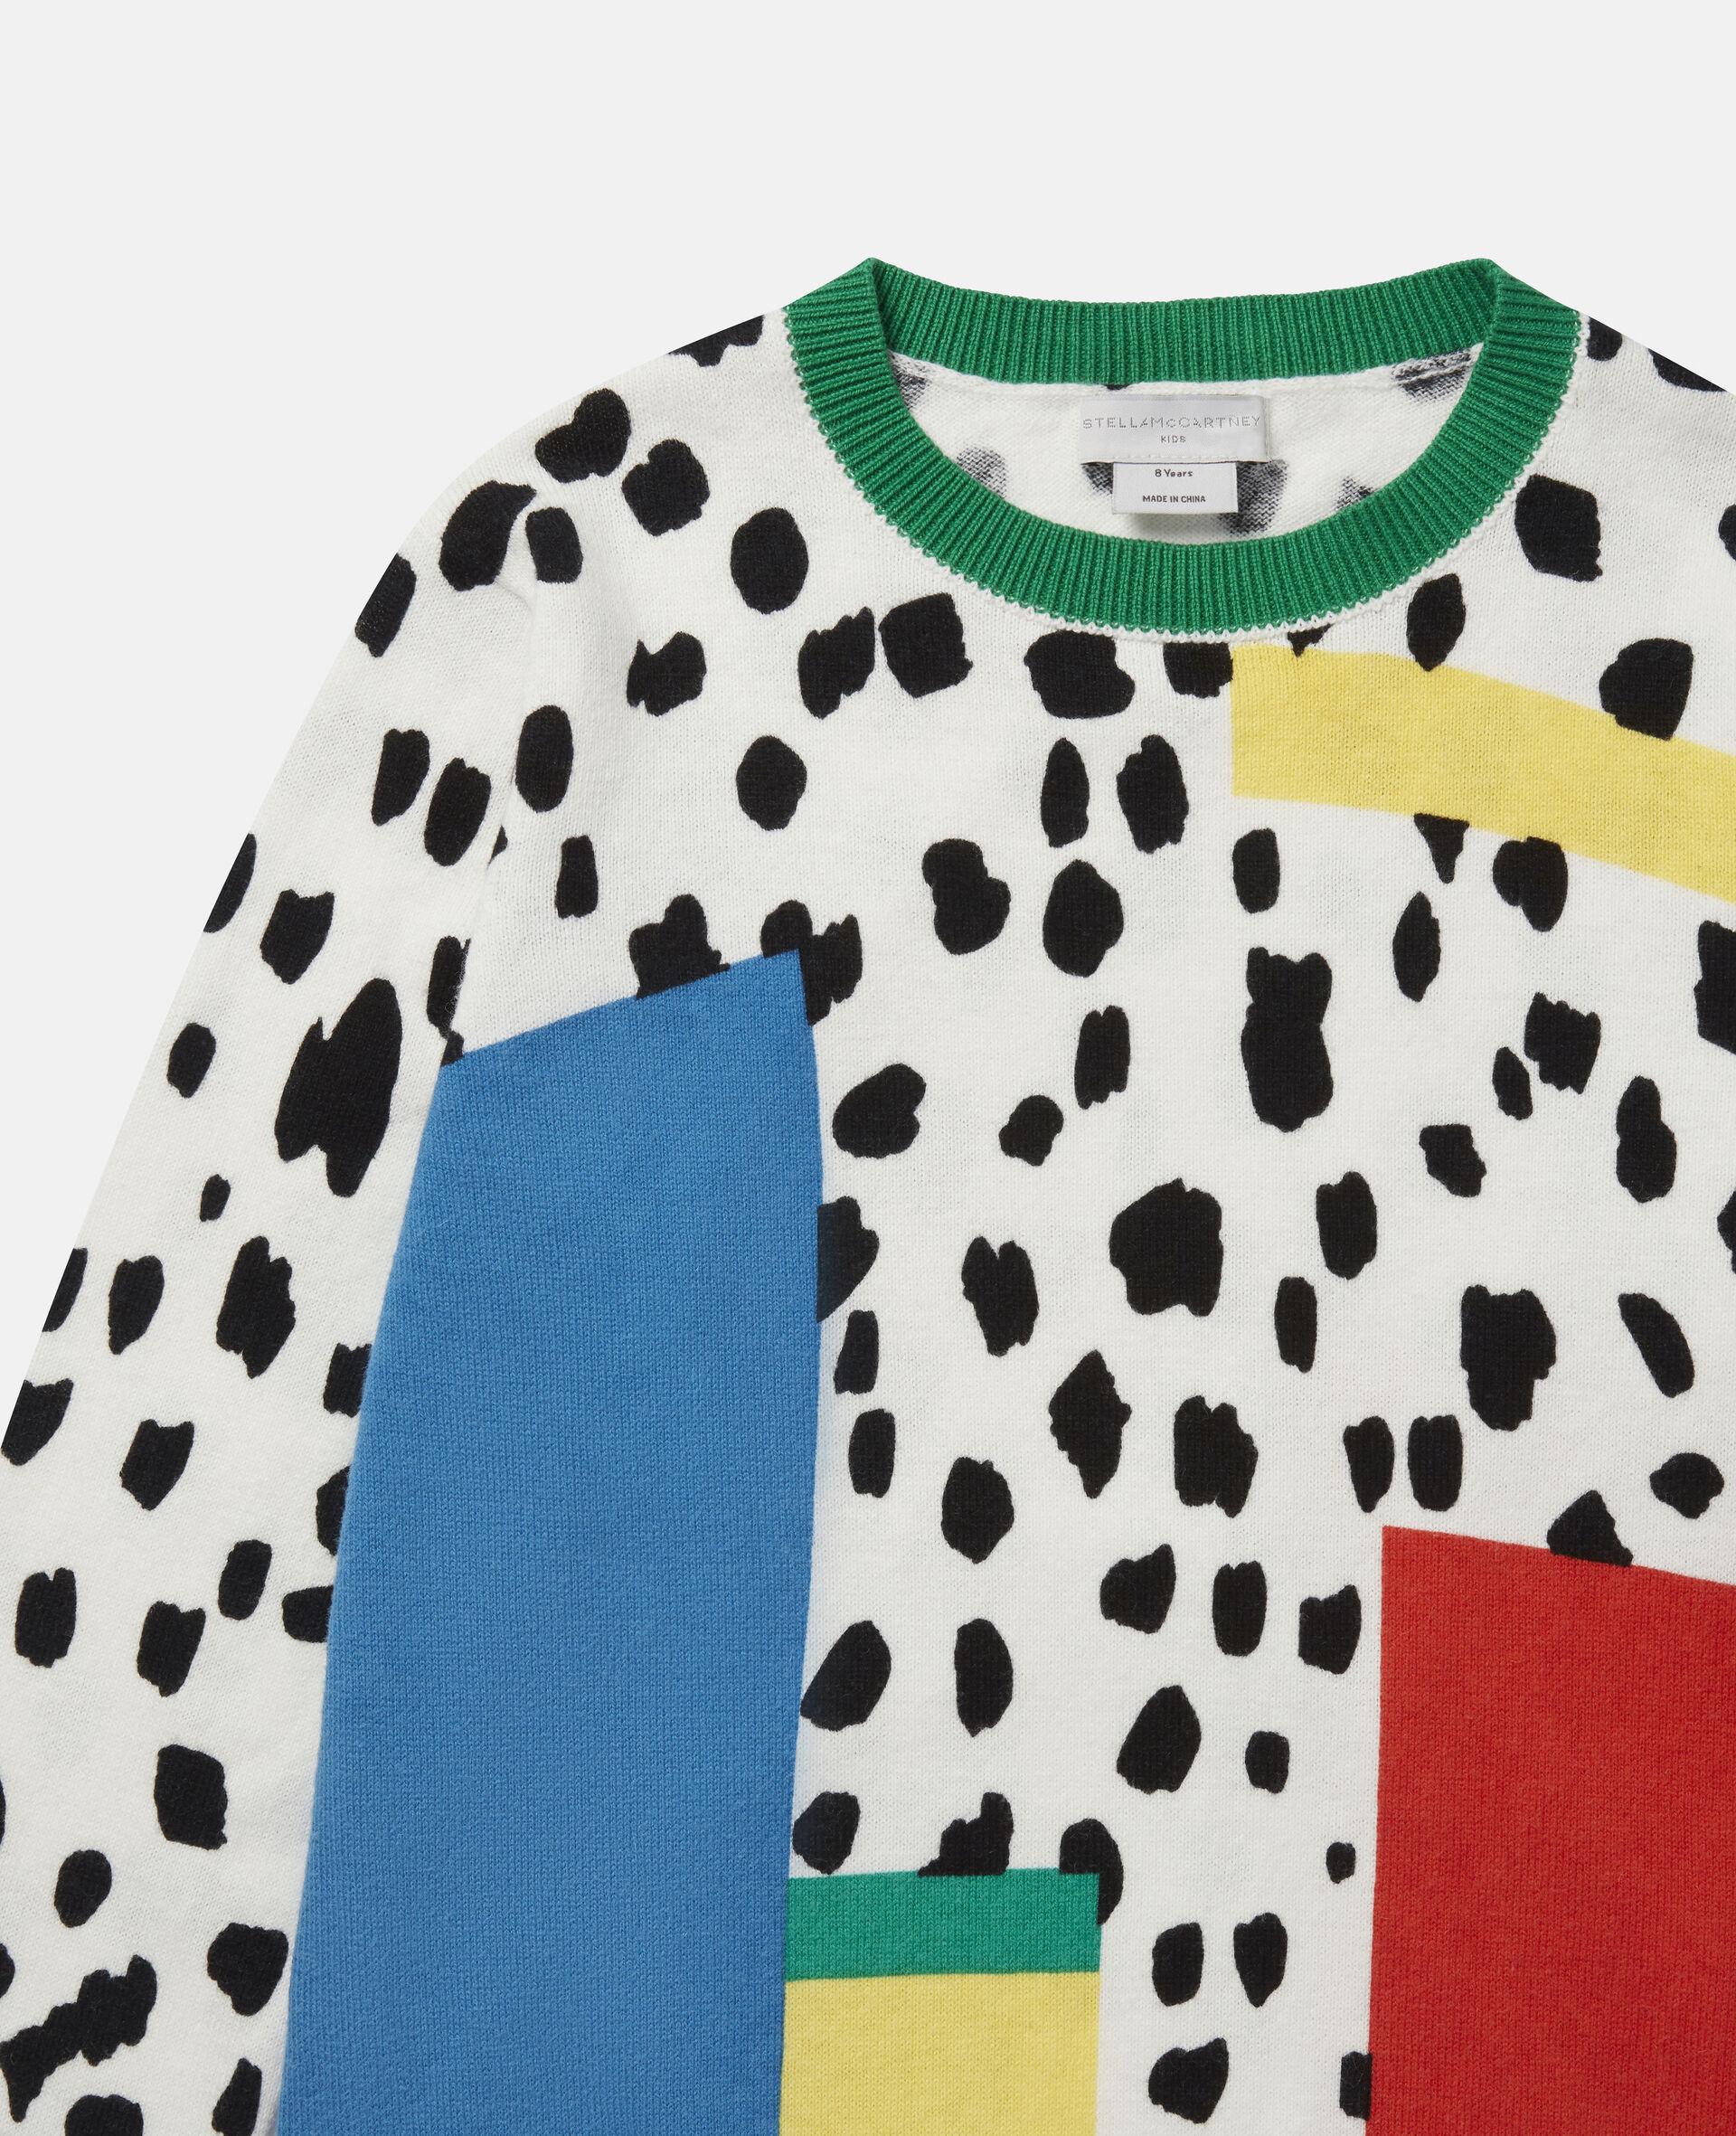 Pull en maille motif taches dalmatien-Fantaisie-large image number 1